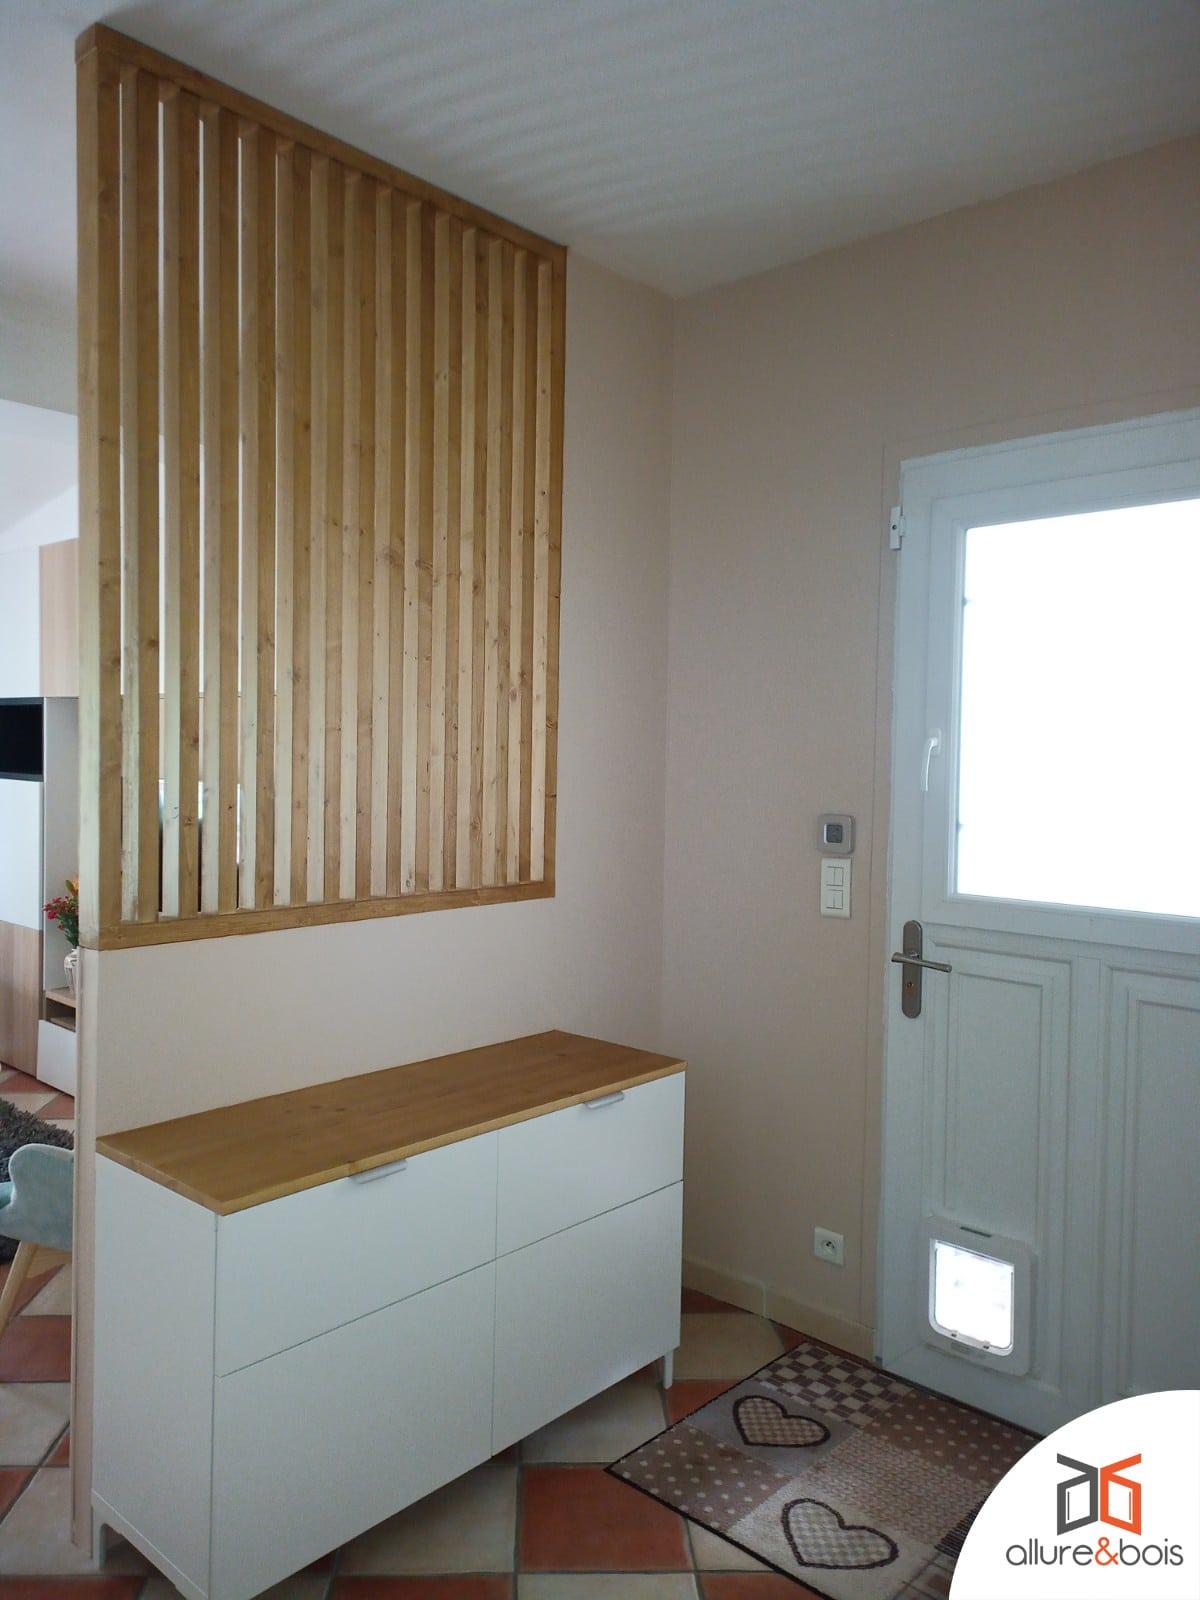 claire-voie en bois en cloison ajourée